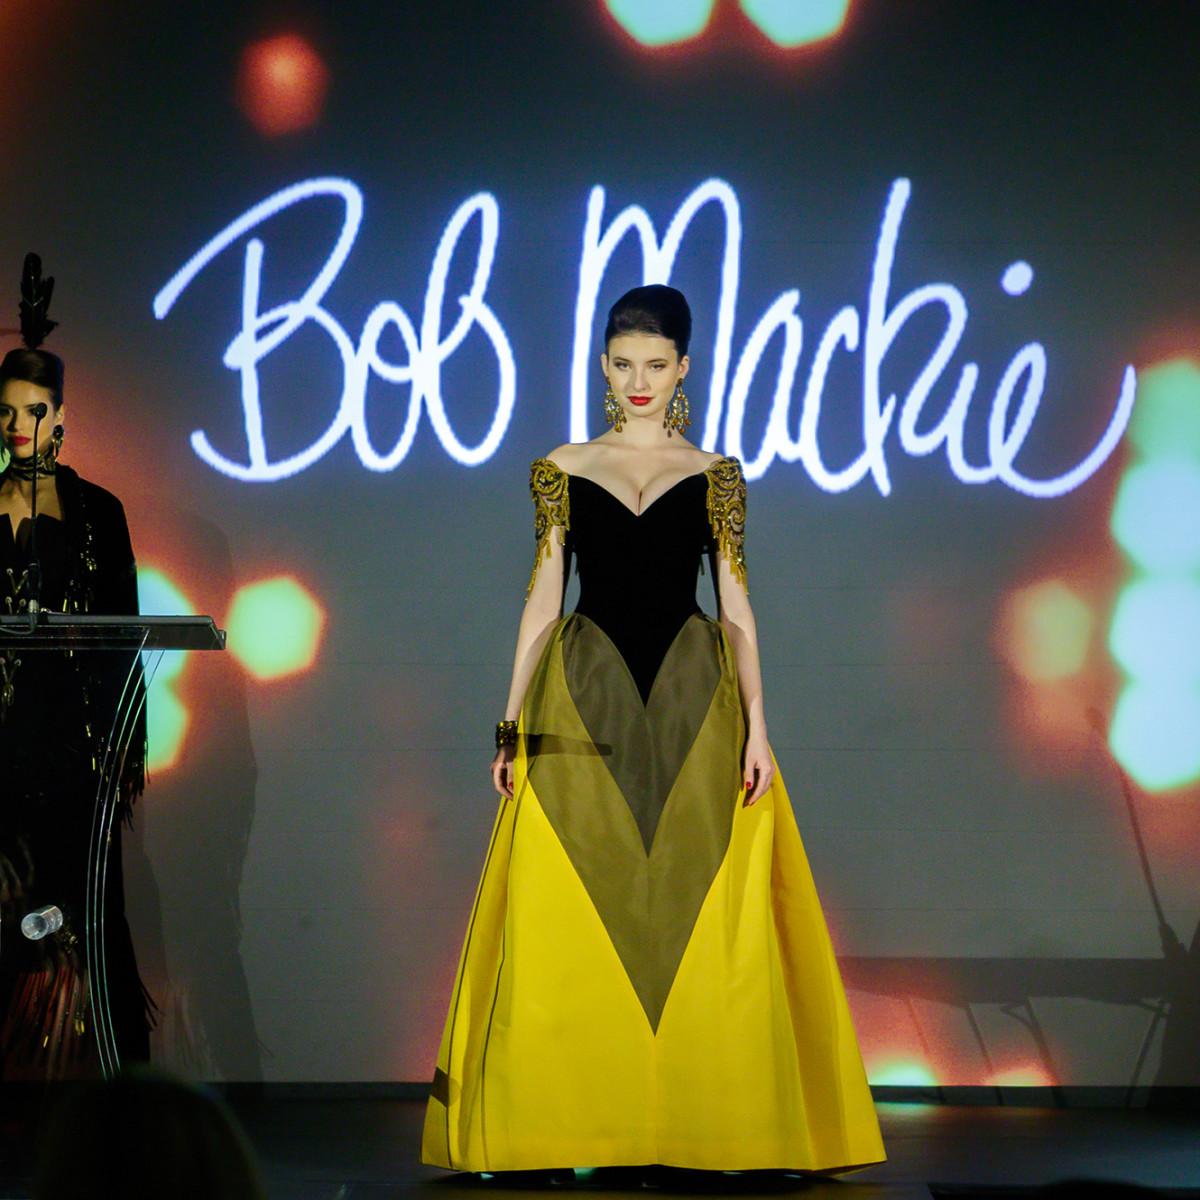 Bob Mackie look